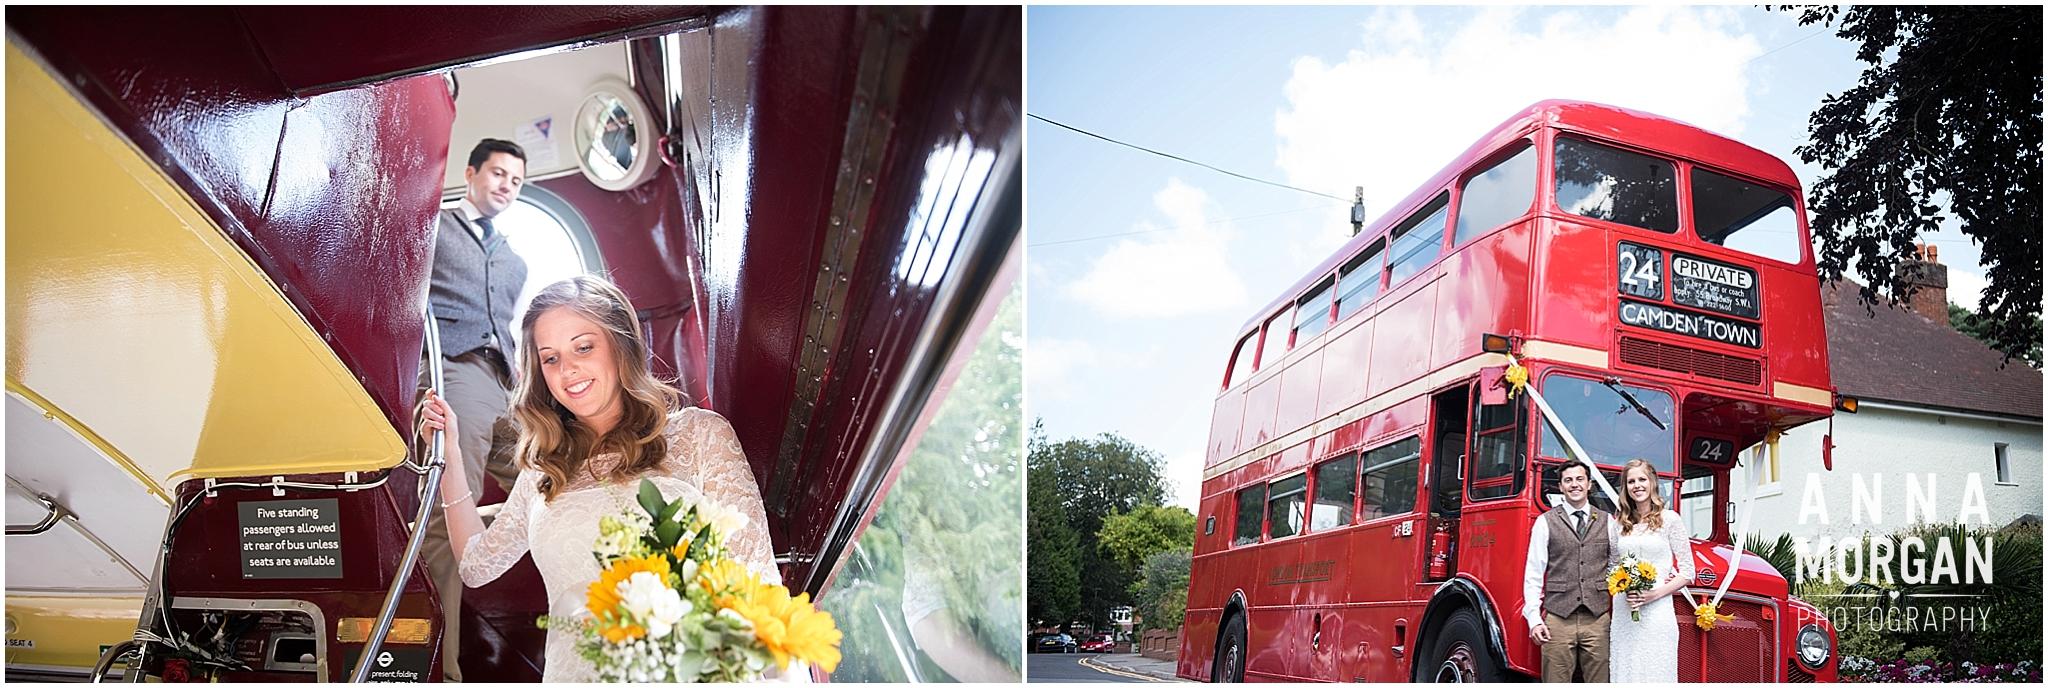 Katie & Hugh Branksome Chine beach wedding Dorset-42